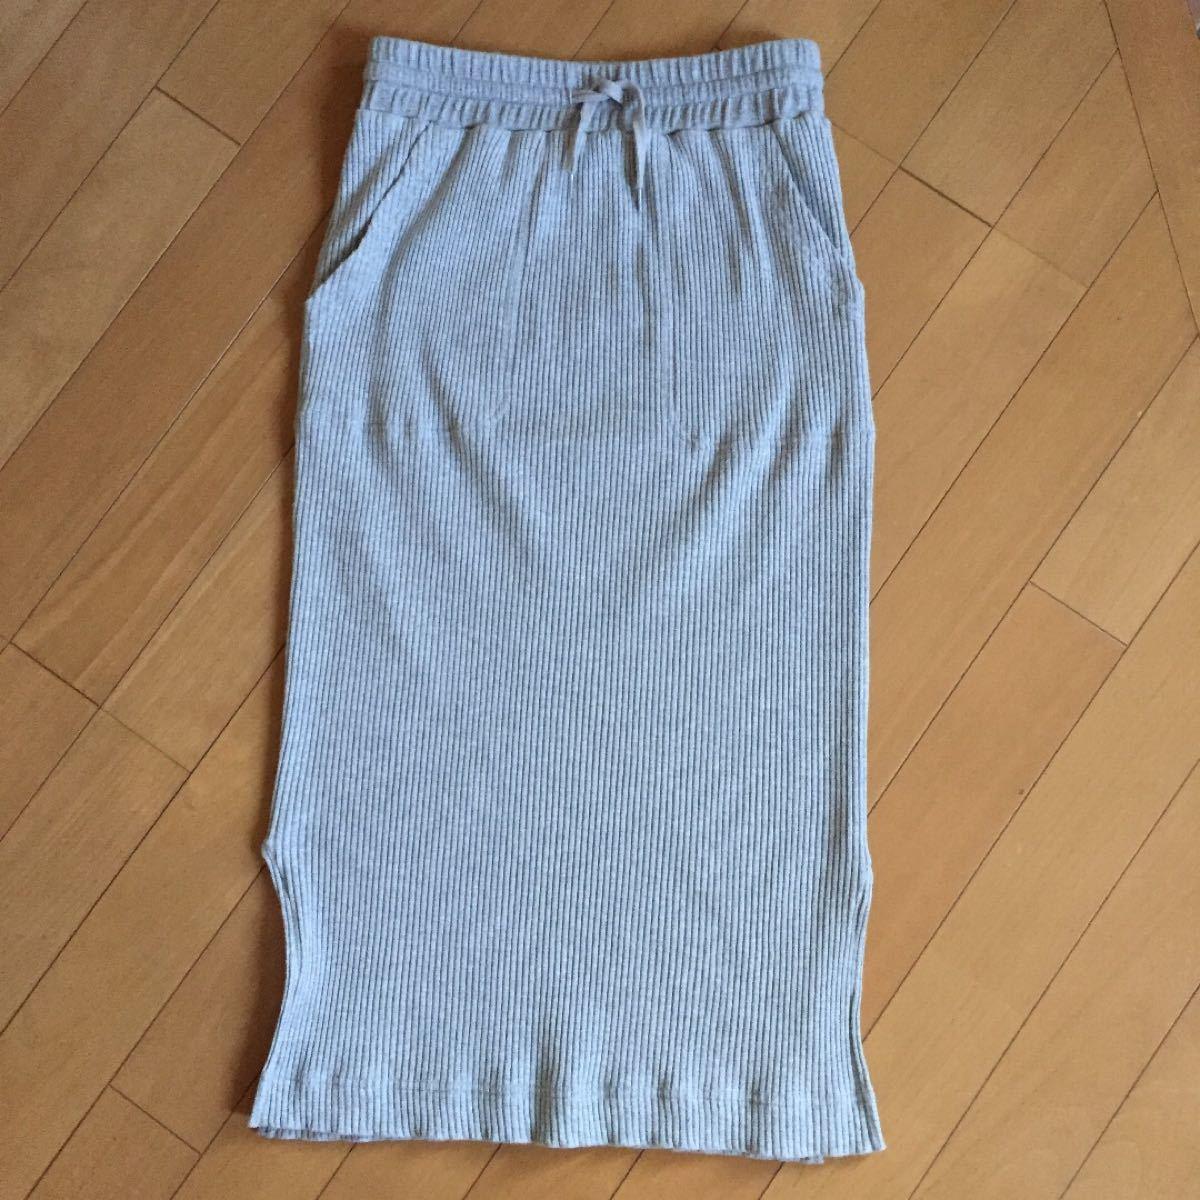 タイトスカート リブ ロングスカート ニットタイトスカート バックナンバー グレー